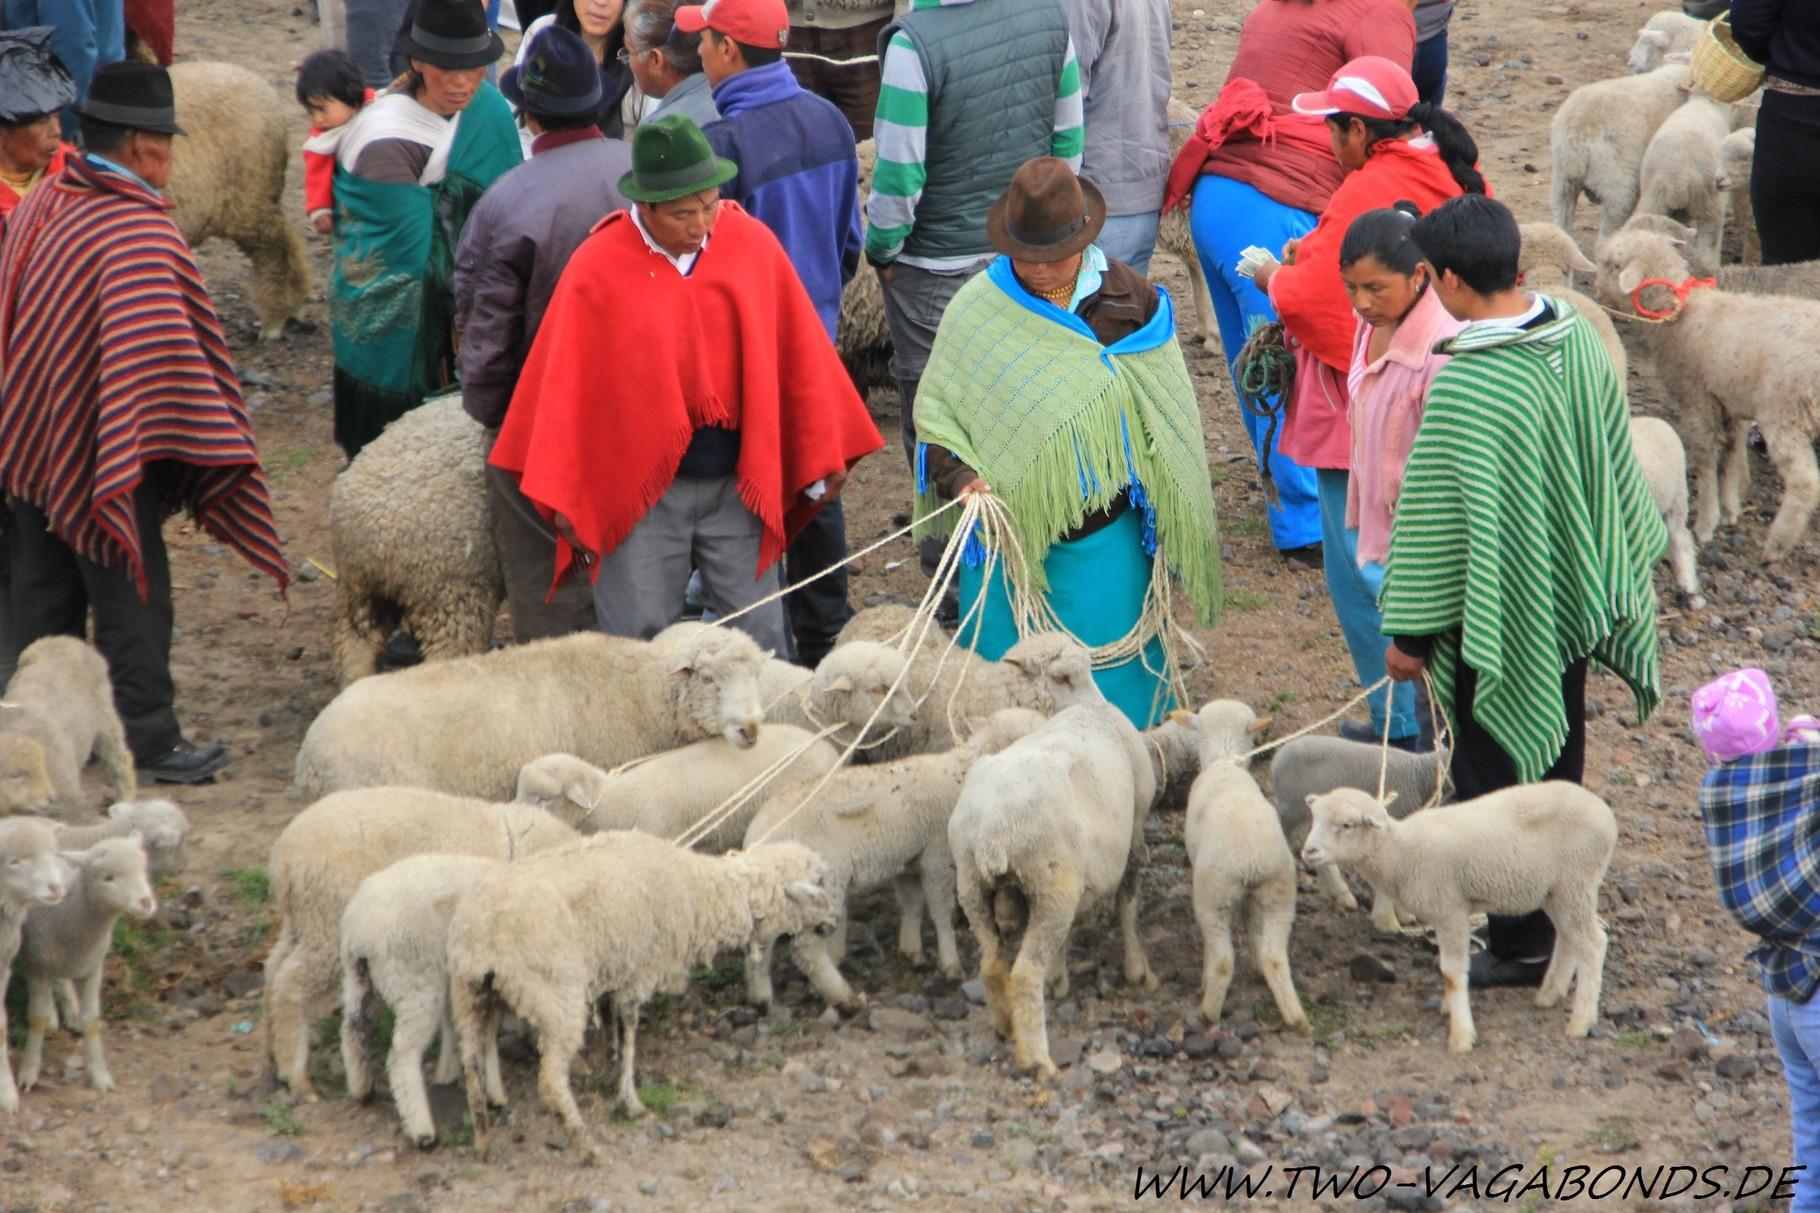 ECUADOR 2014 - VIEHMARKT IN LATACUNGA